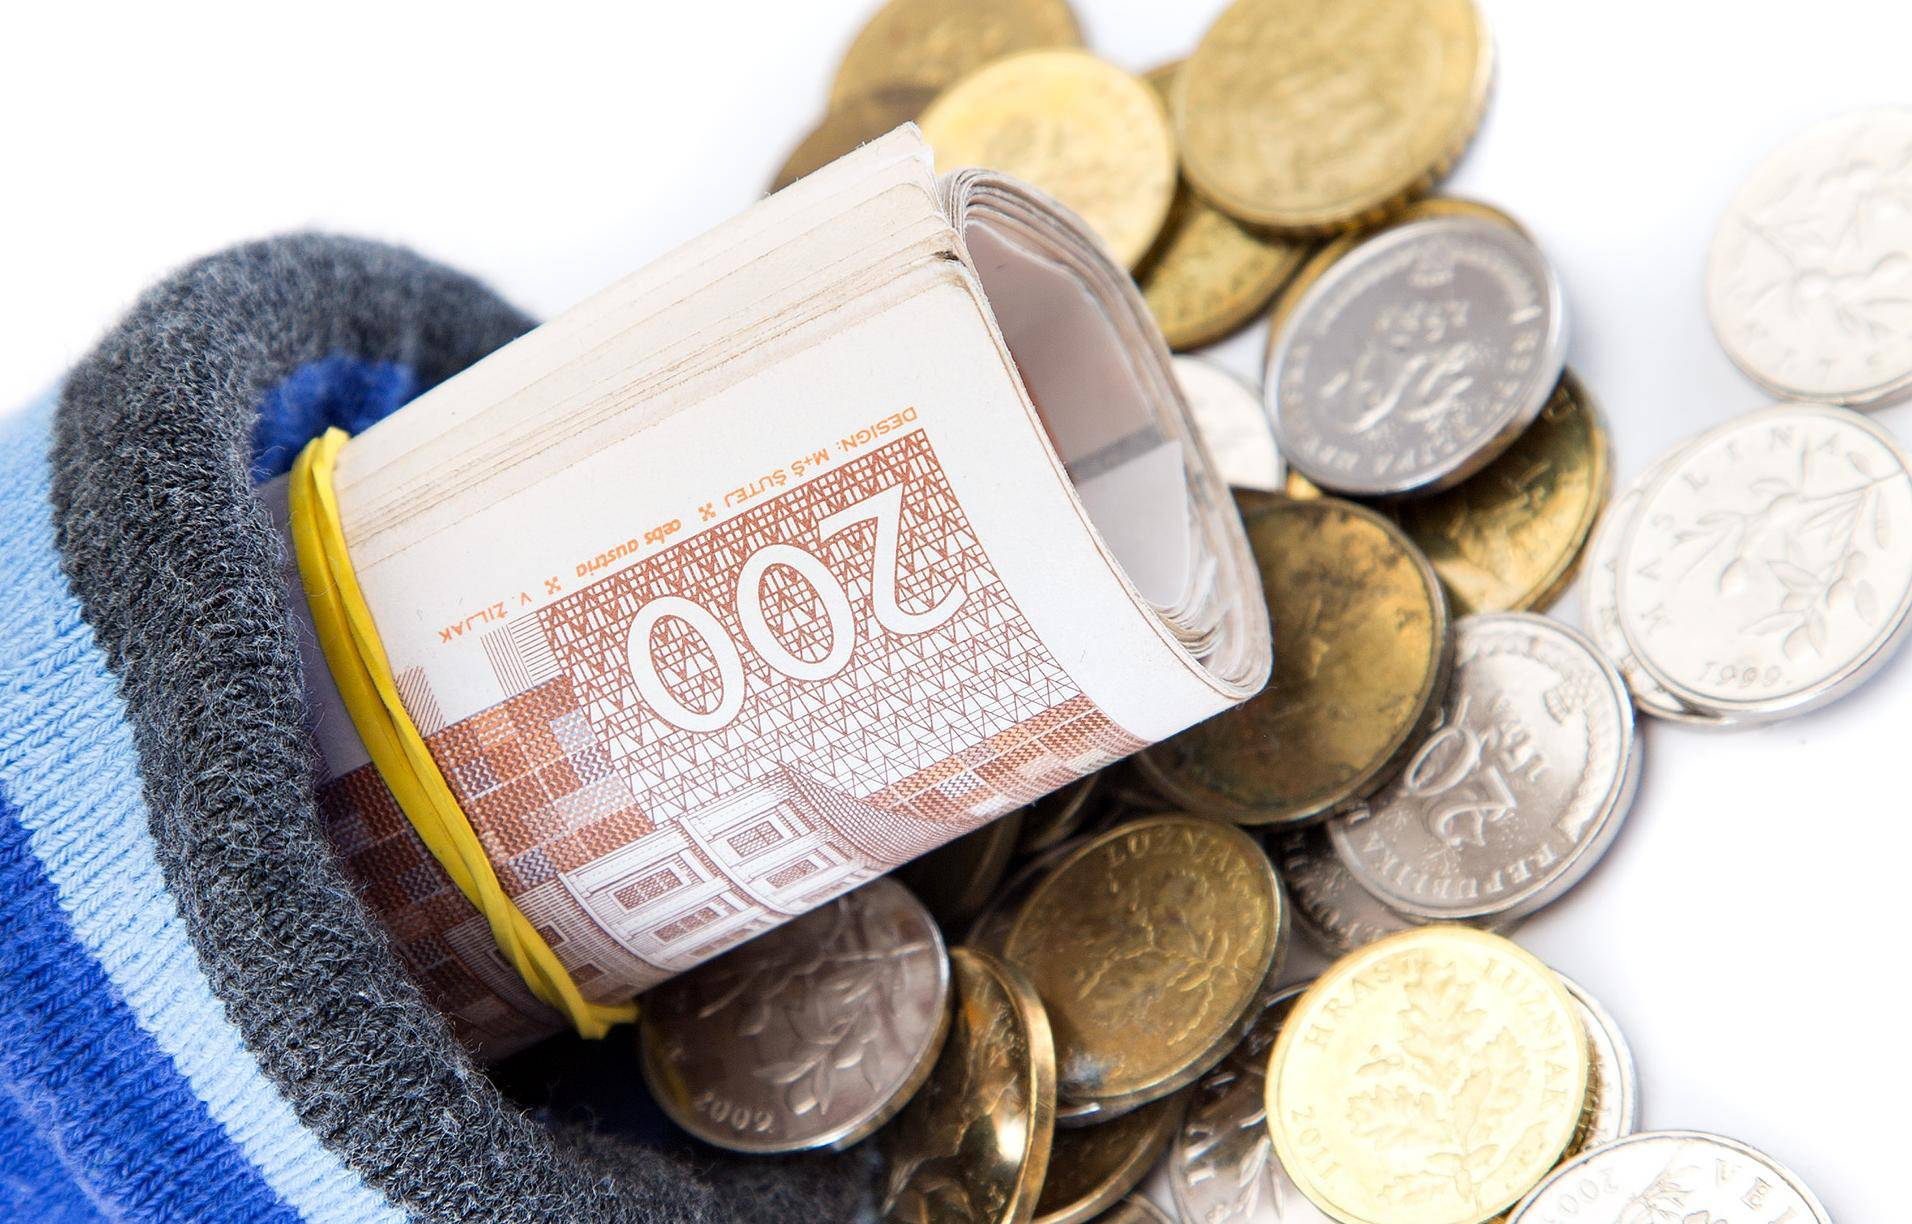 Više dječjih doplataka: 'Ovo će imati značajan socijalni učinak'